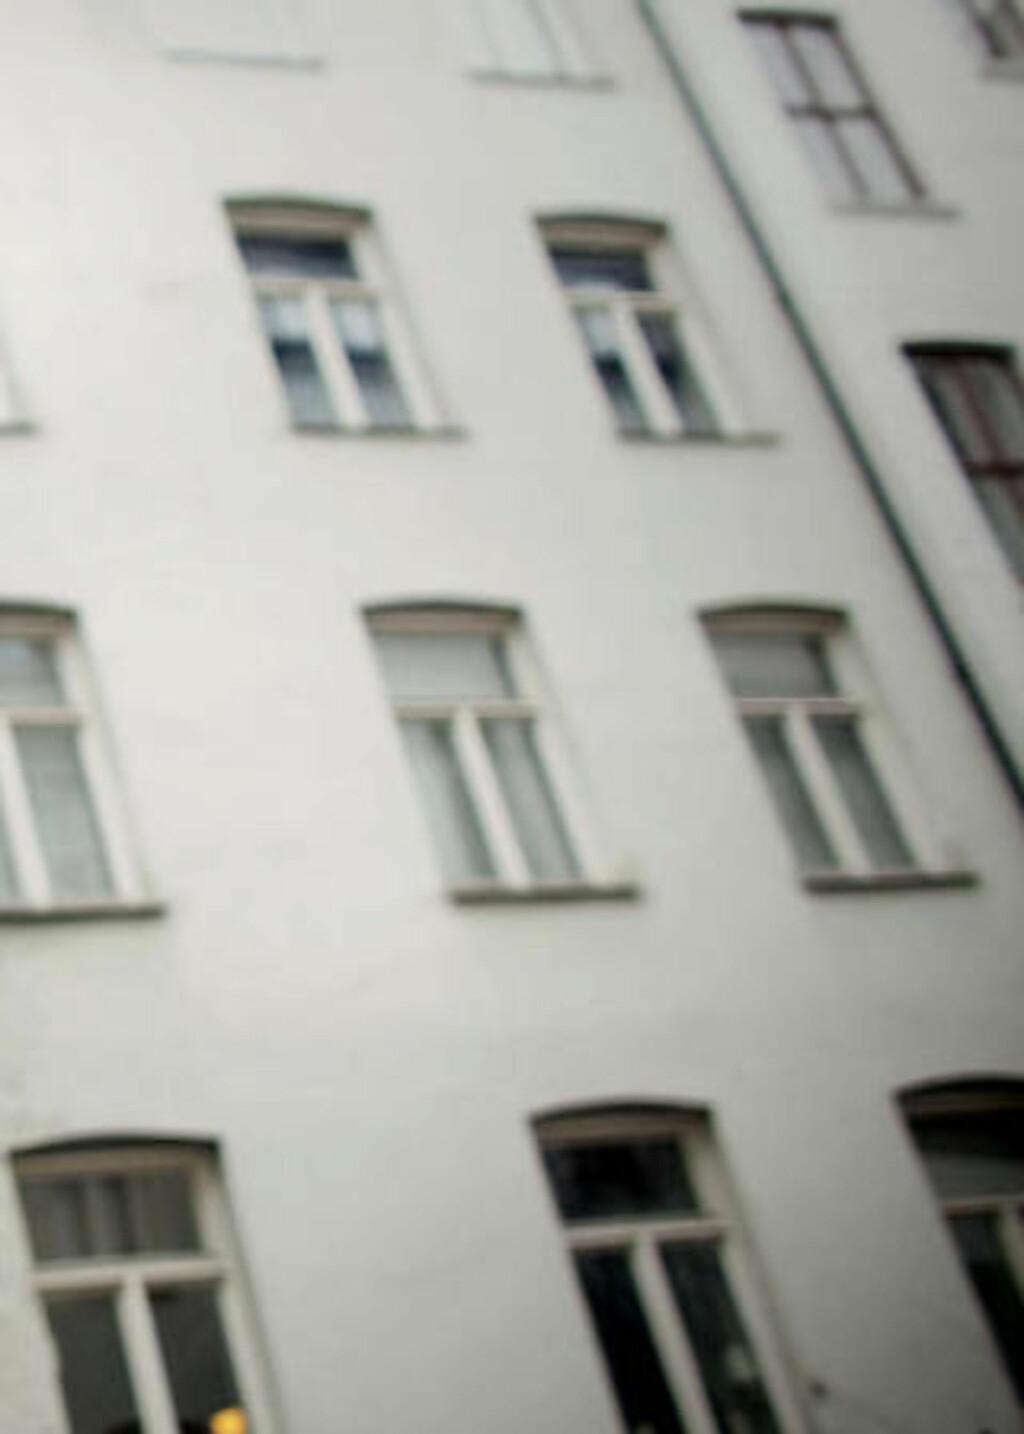 TAR SAKEN TIL FORLIKSRÅDET: Gårdbestyreren regner med å gå til forliksrådet med saken for å få tilbake 60 000 kroner av tv-kjendisen og samboeren som har leid hos ham på Frogner i Oslo. Foto: Bjørn Langsem/Dagbladet